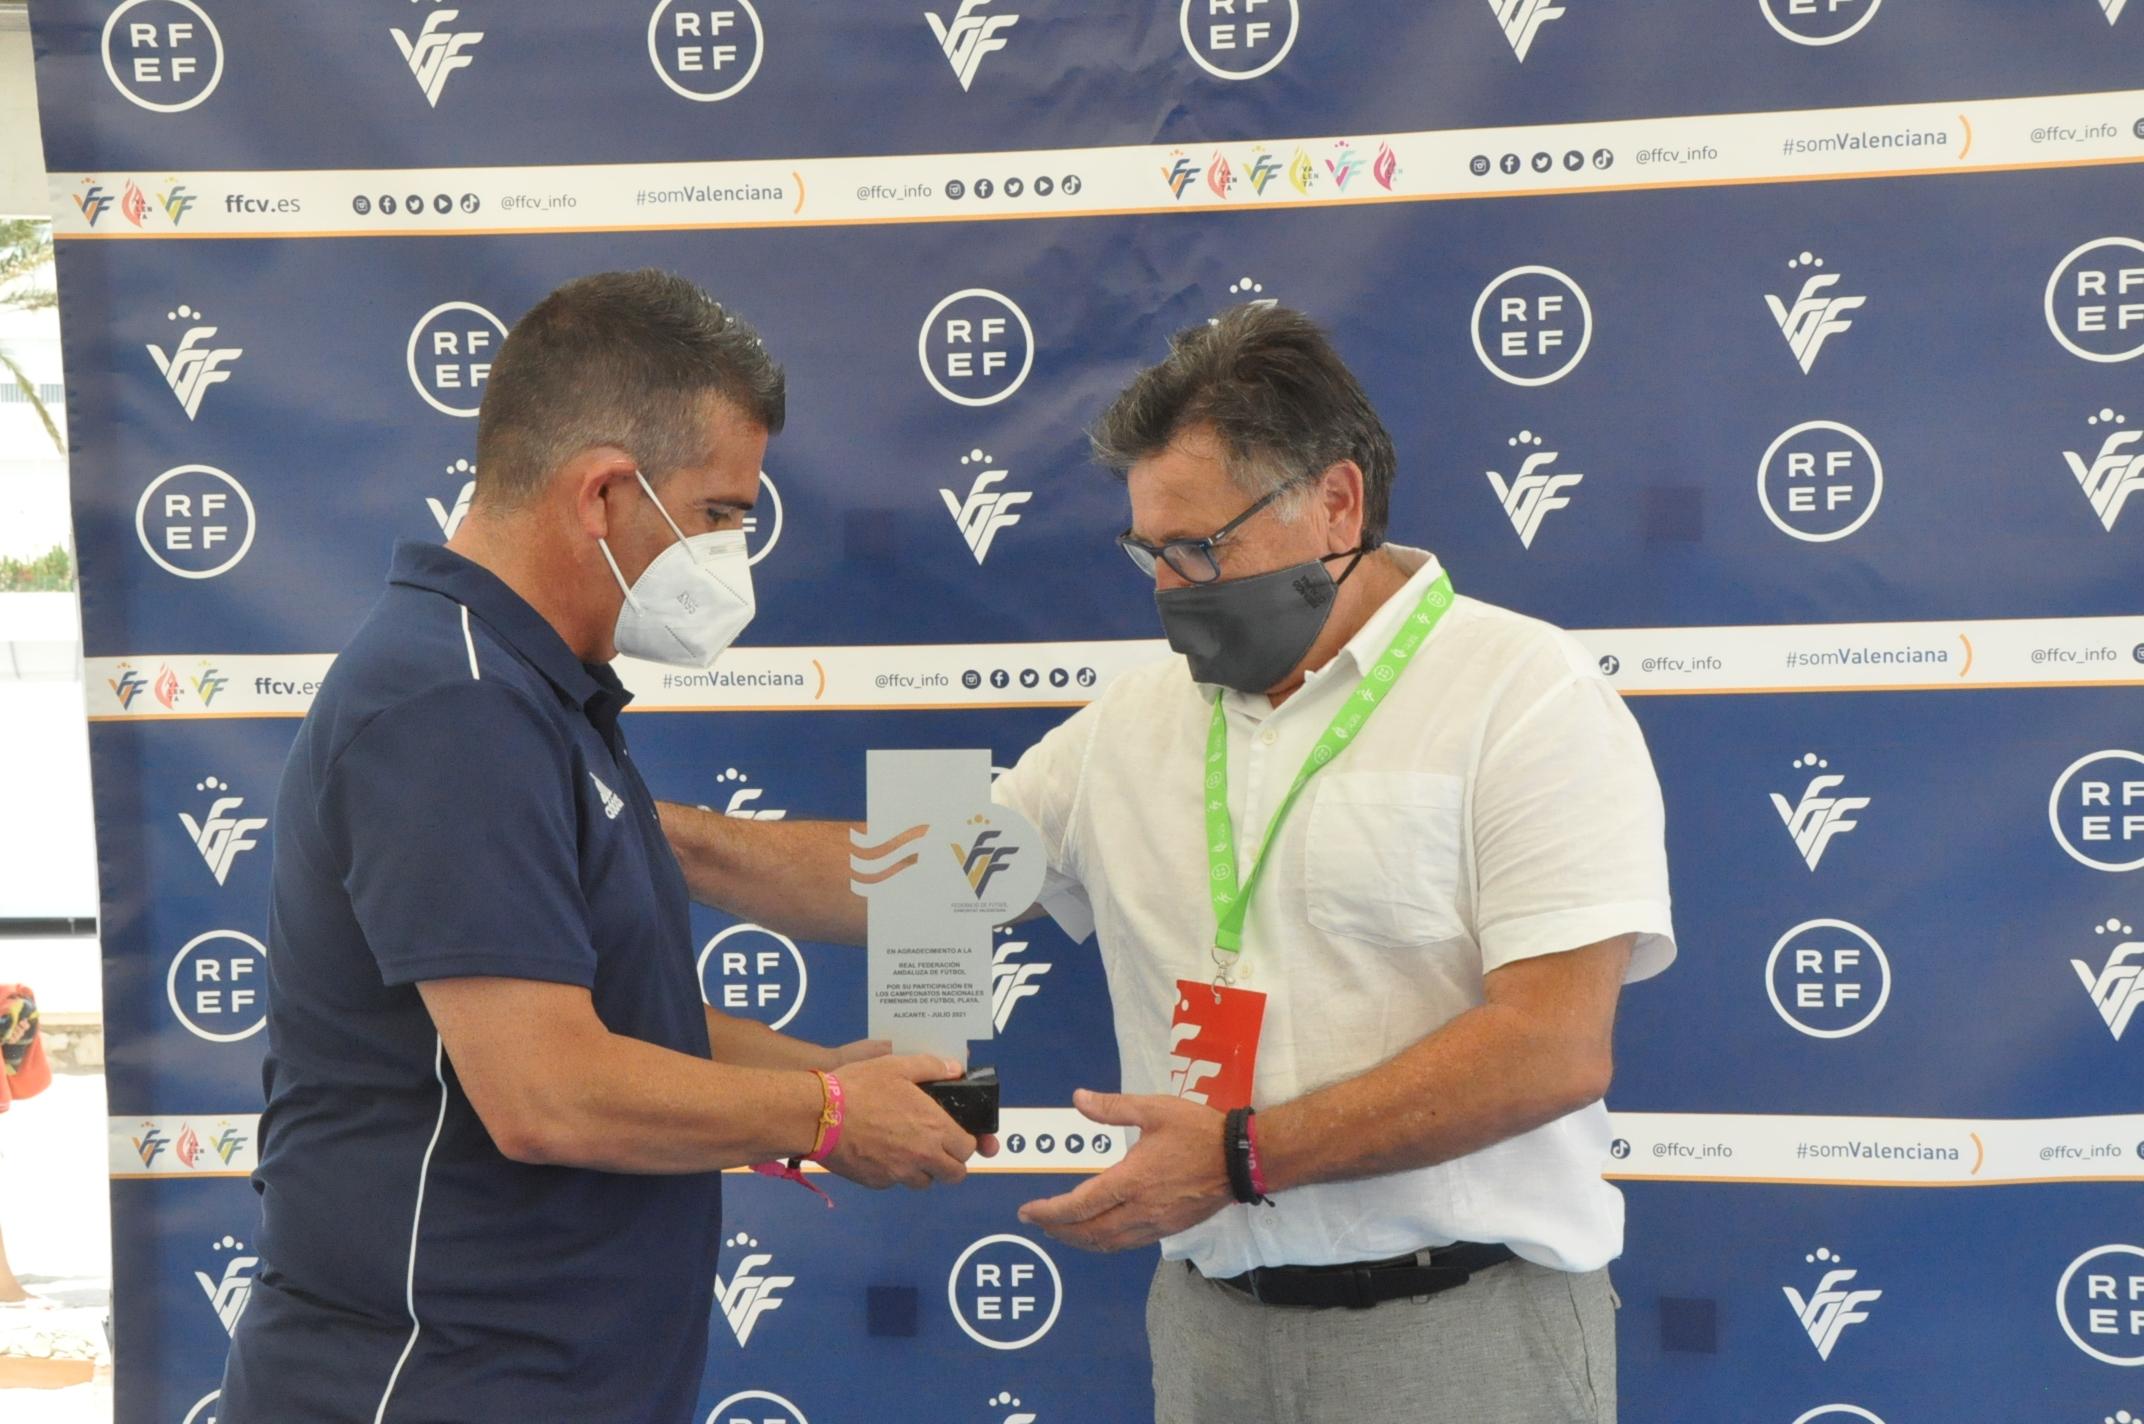 El directiu Juan Núñez rebent la placa del president del CTE de la Comunitat Valenciana, David Gutiérrez